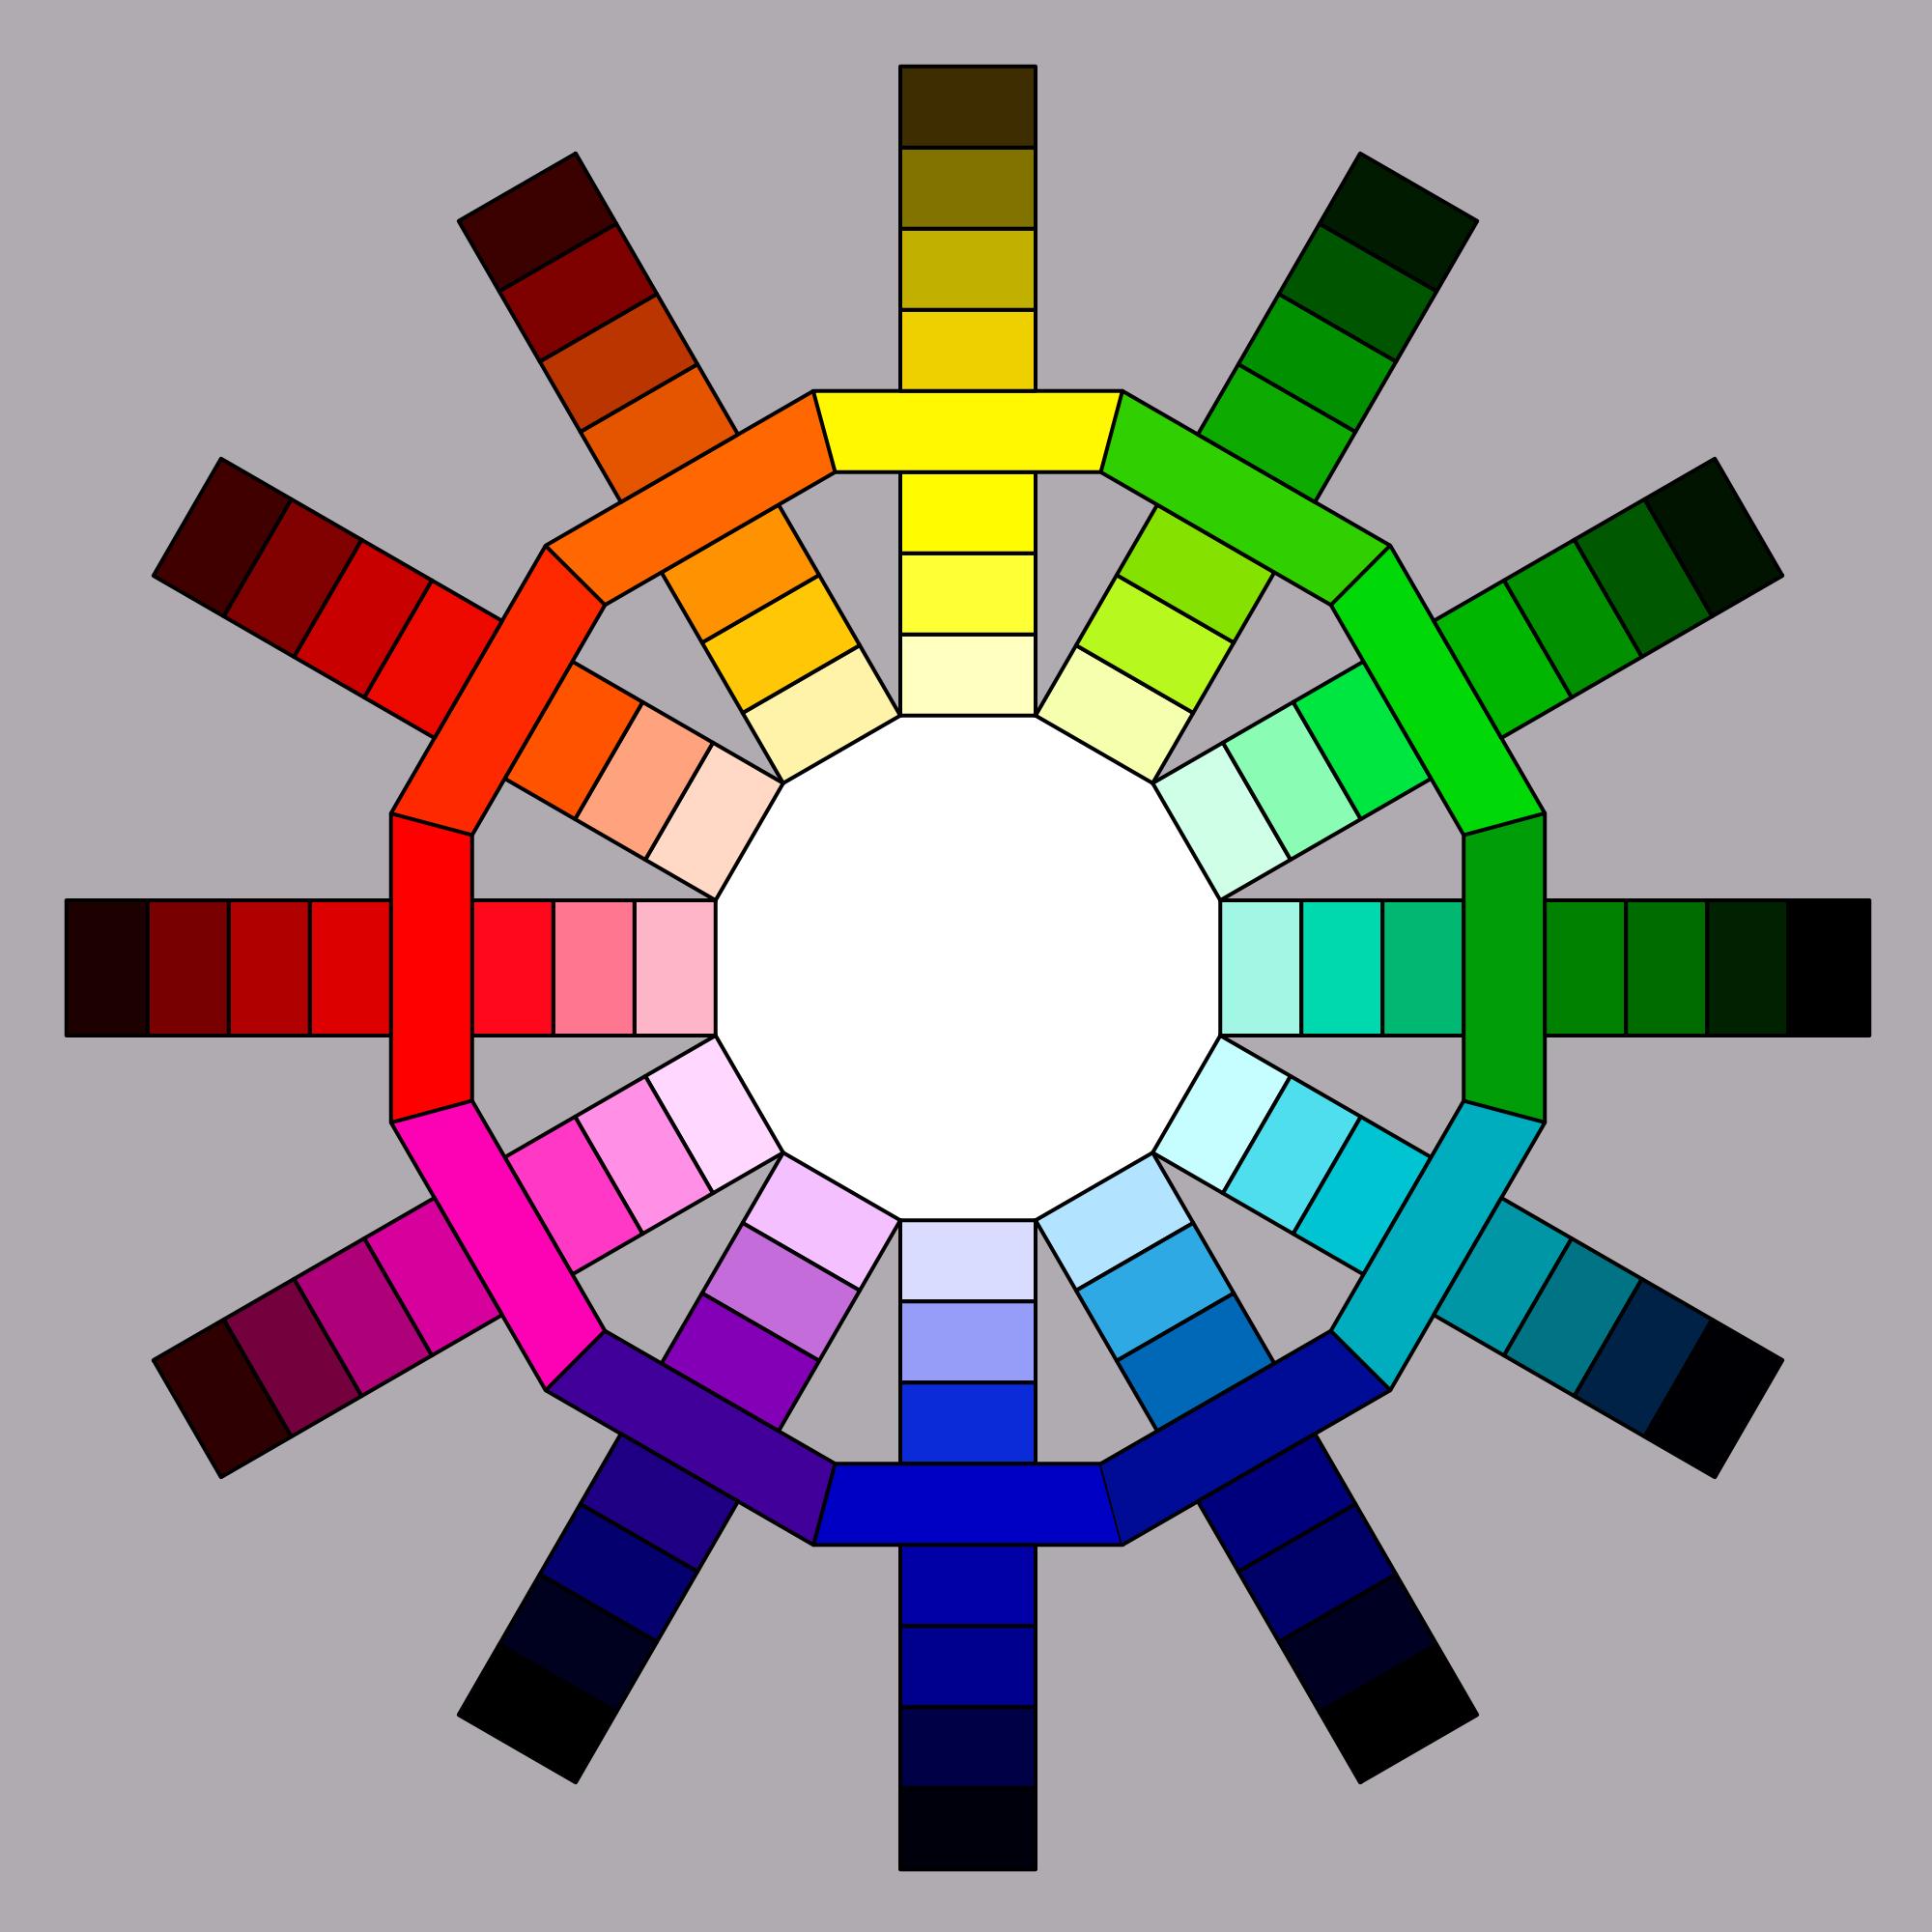 Komplementärfarbe Zu Blau bildergebnis für farbkreis patchrakete farbkreis